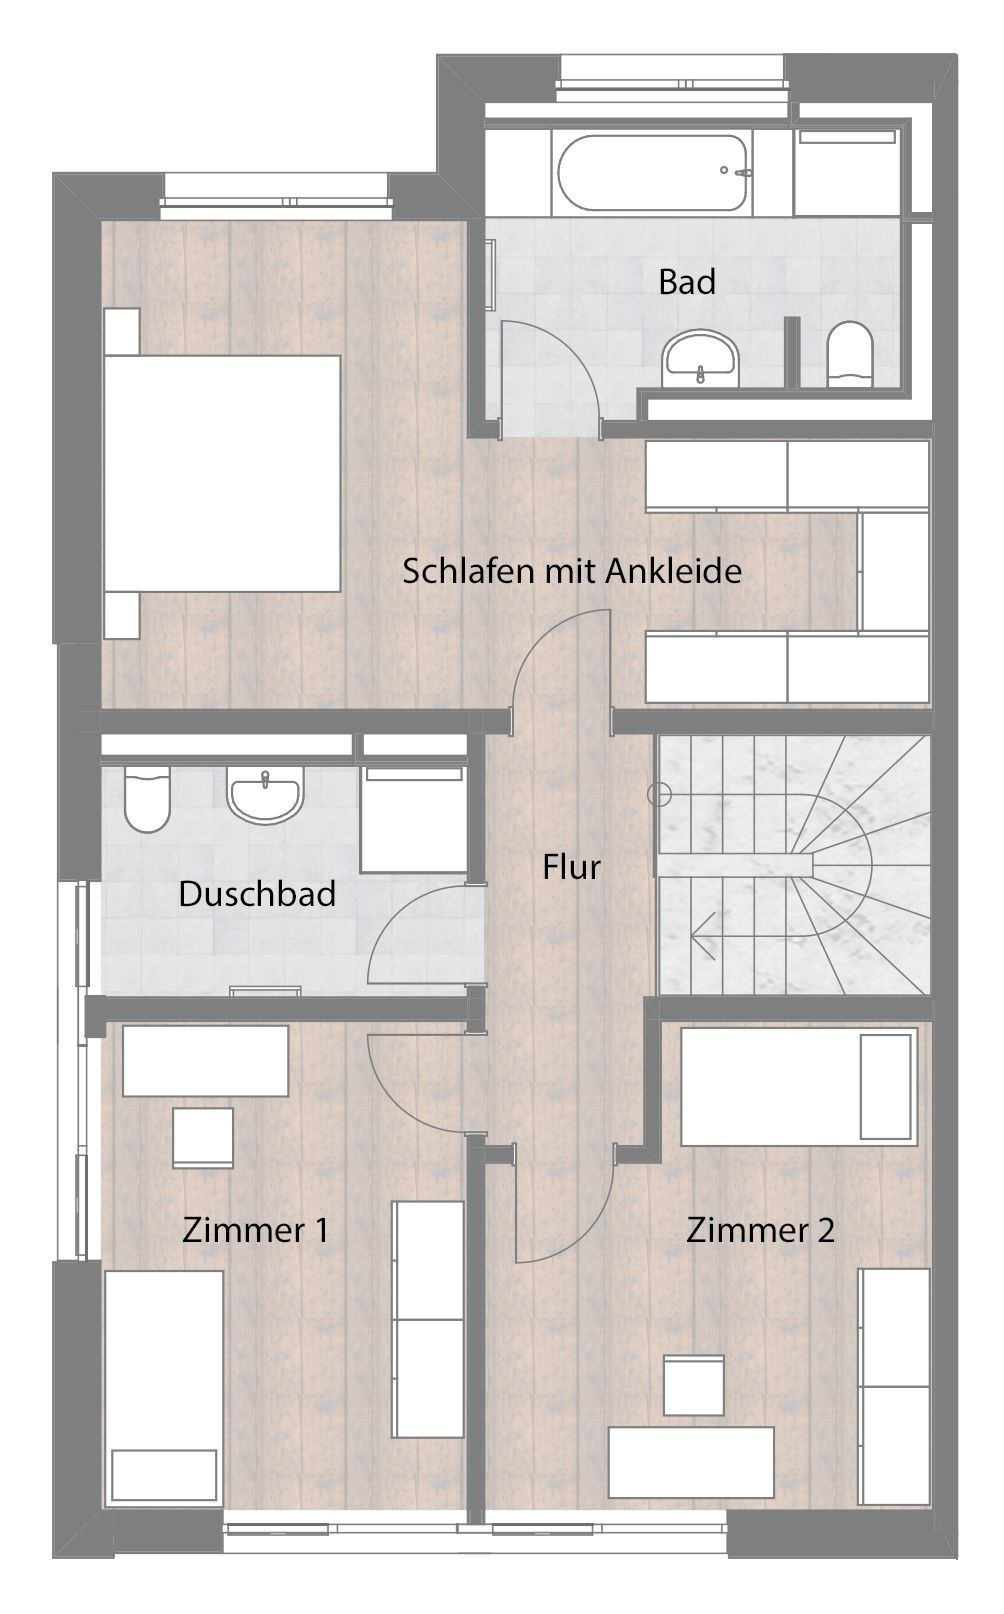 Doppelhaushälfte Typ A Obergeschoss M² Planos - Hauser in minecraft einfugen